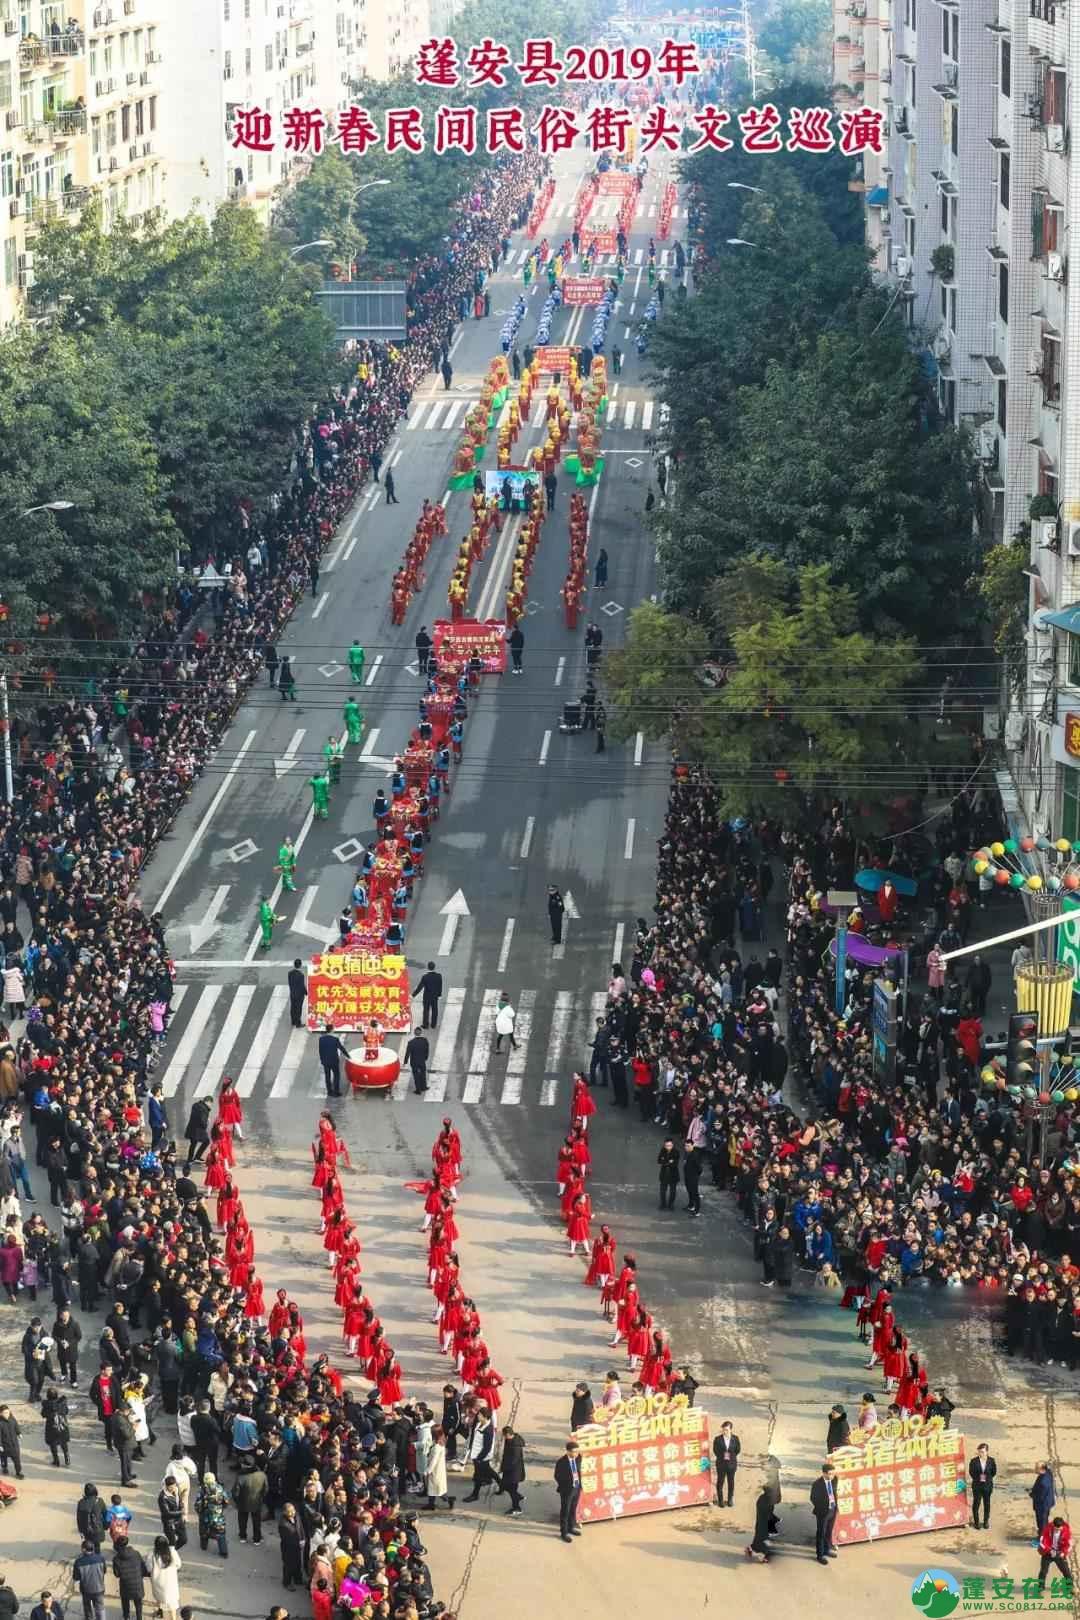 蓬安县2019年迎新春民间民俗街头文艺巡演精彩片段 - 第18张  | 蓬安在线